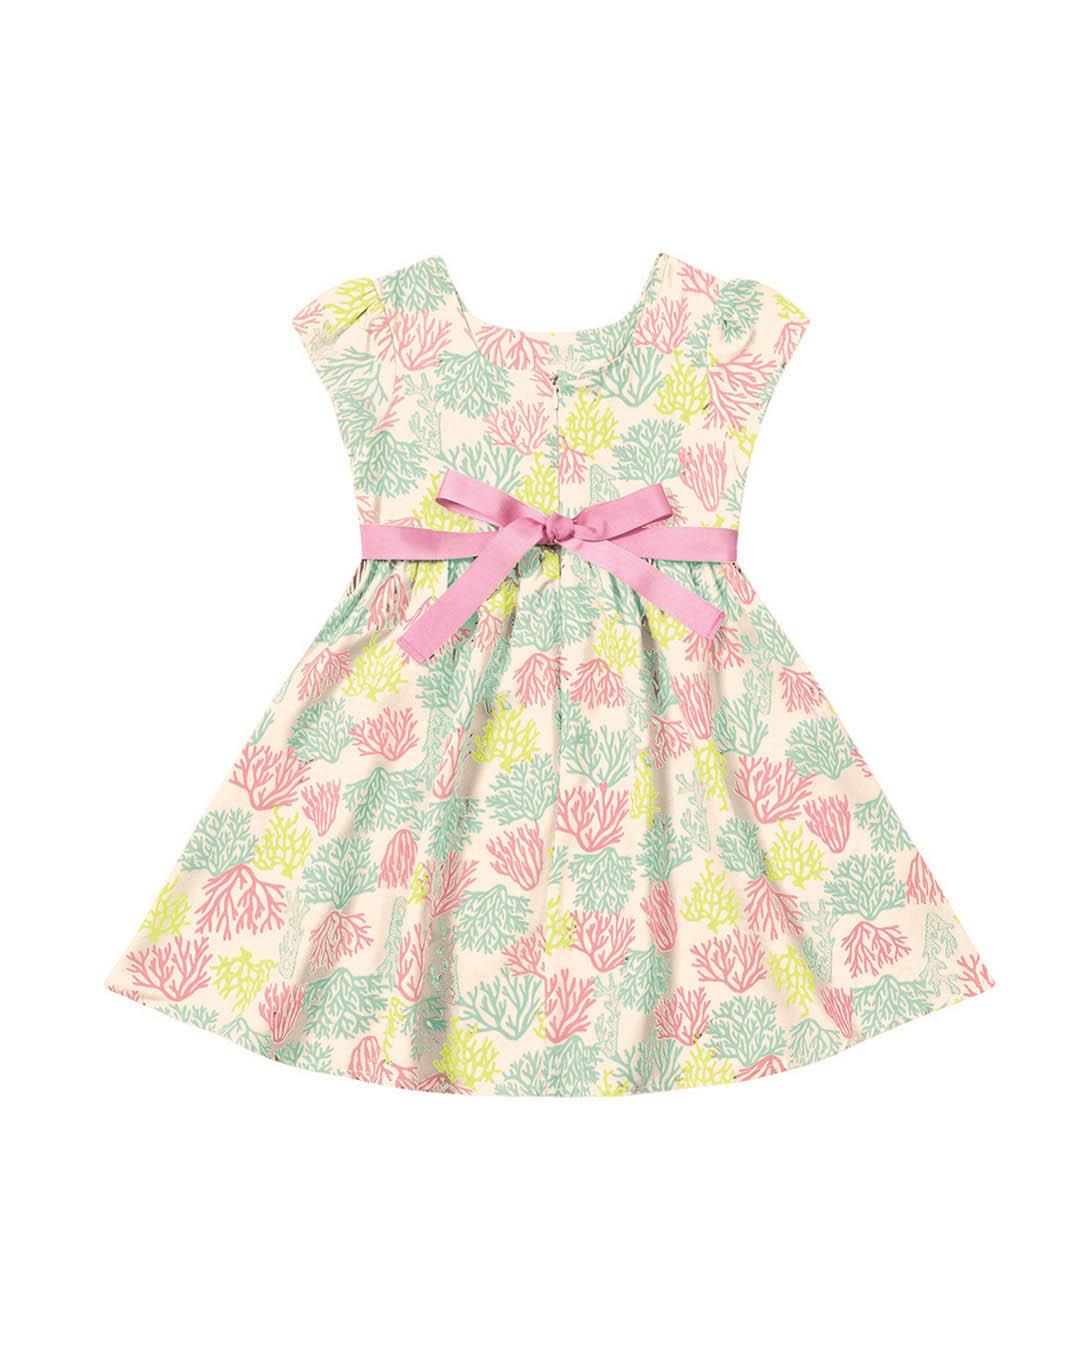 Vestido Infantil Estampado com Faixa - Playground